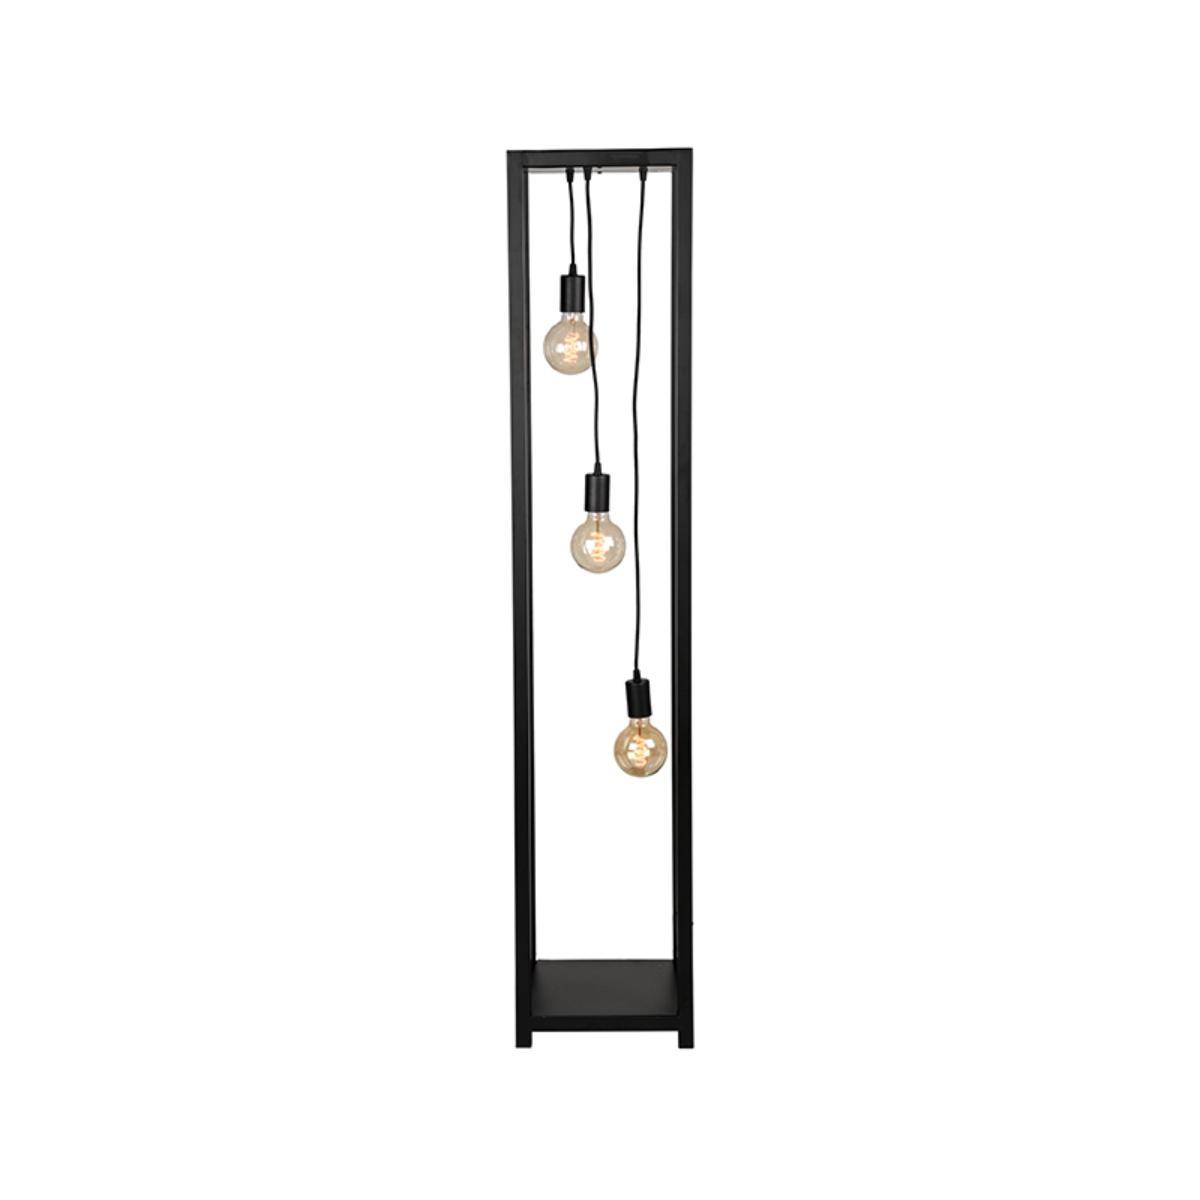 LABEL51 Vloerlamp Dangle - Zwart - Metaal